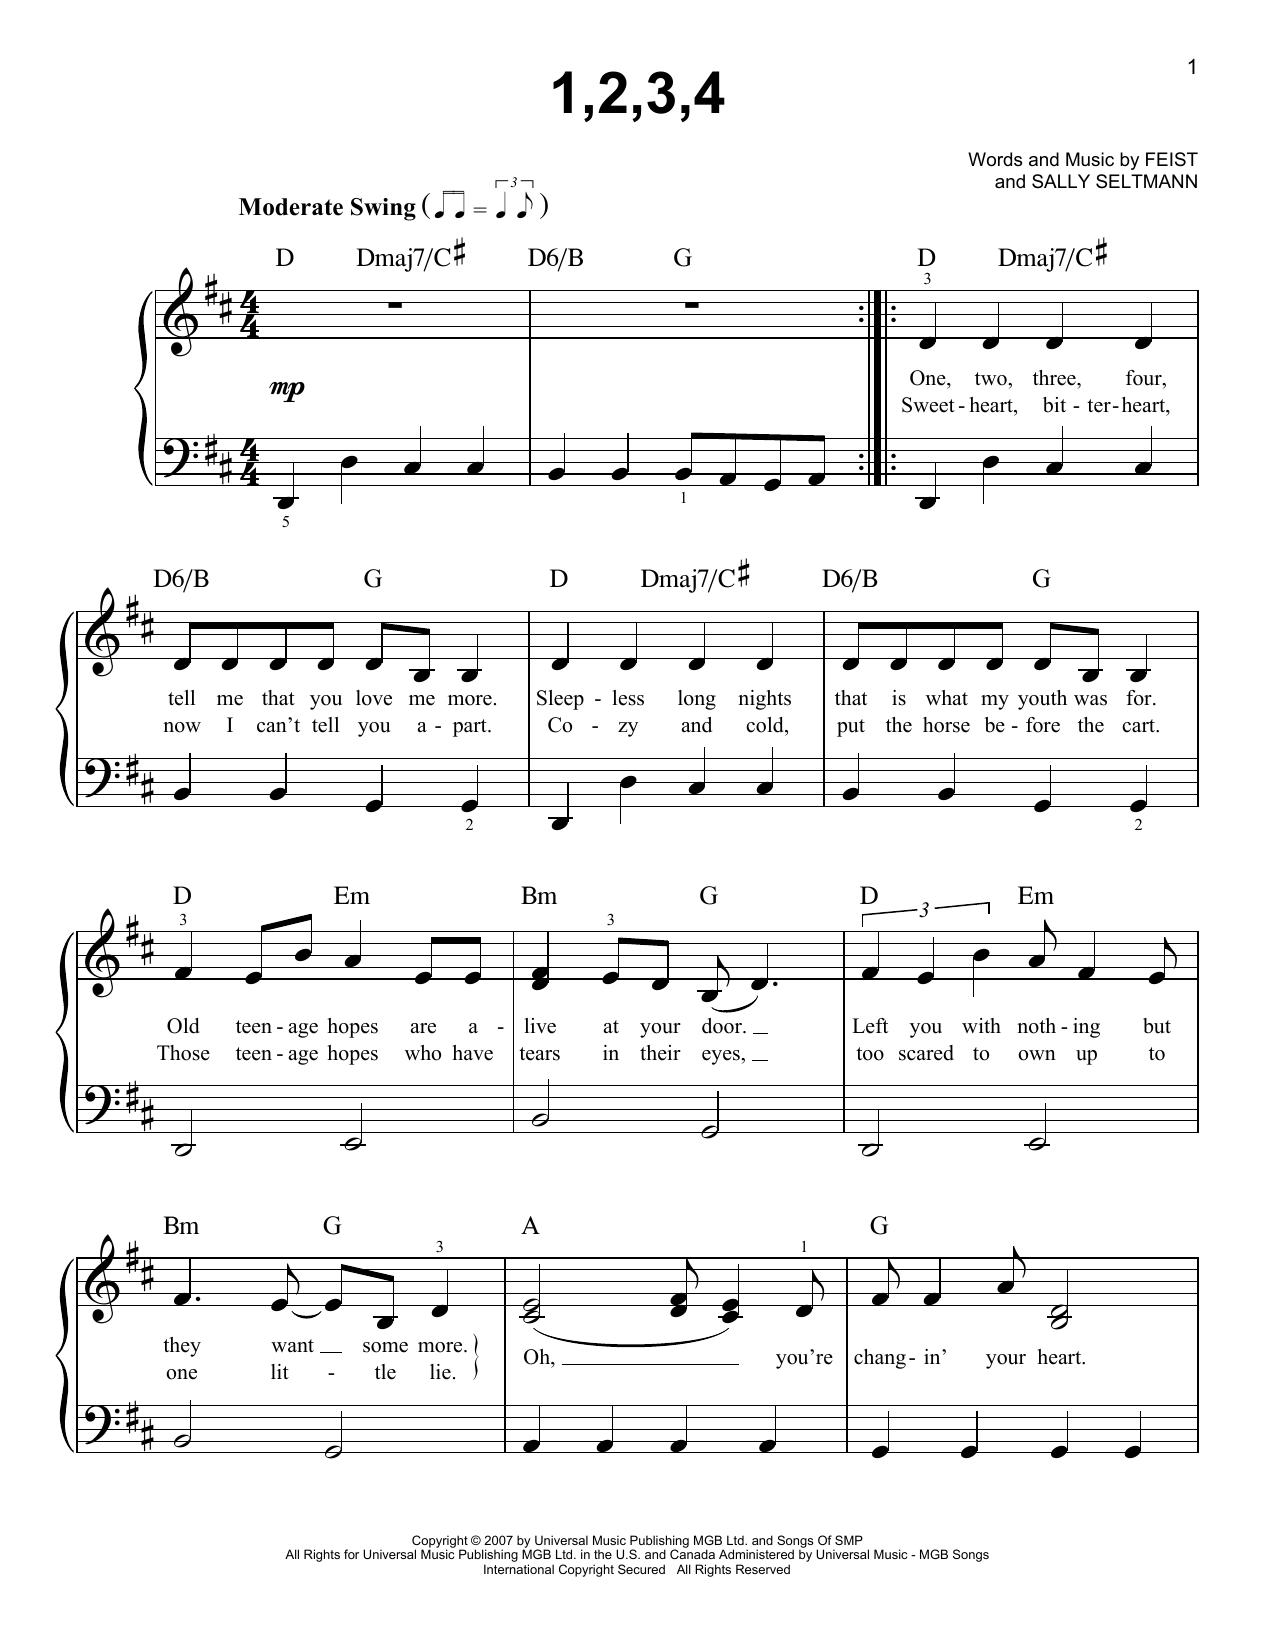 1,2,3,4 (Easy Piano)